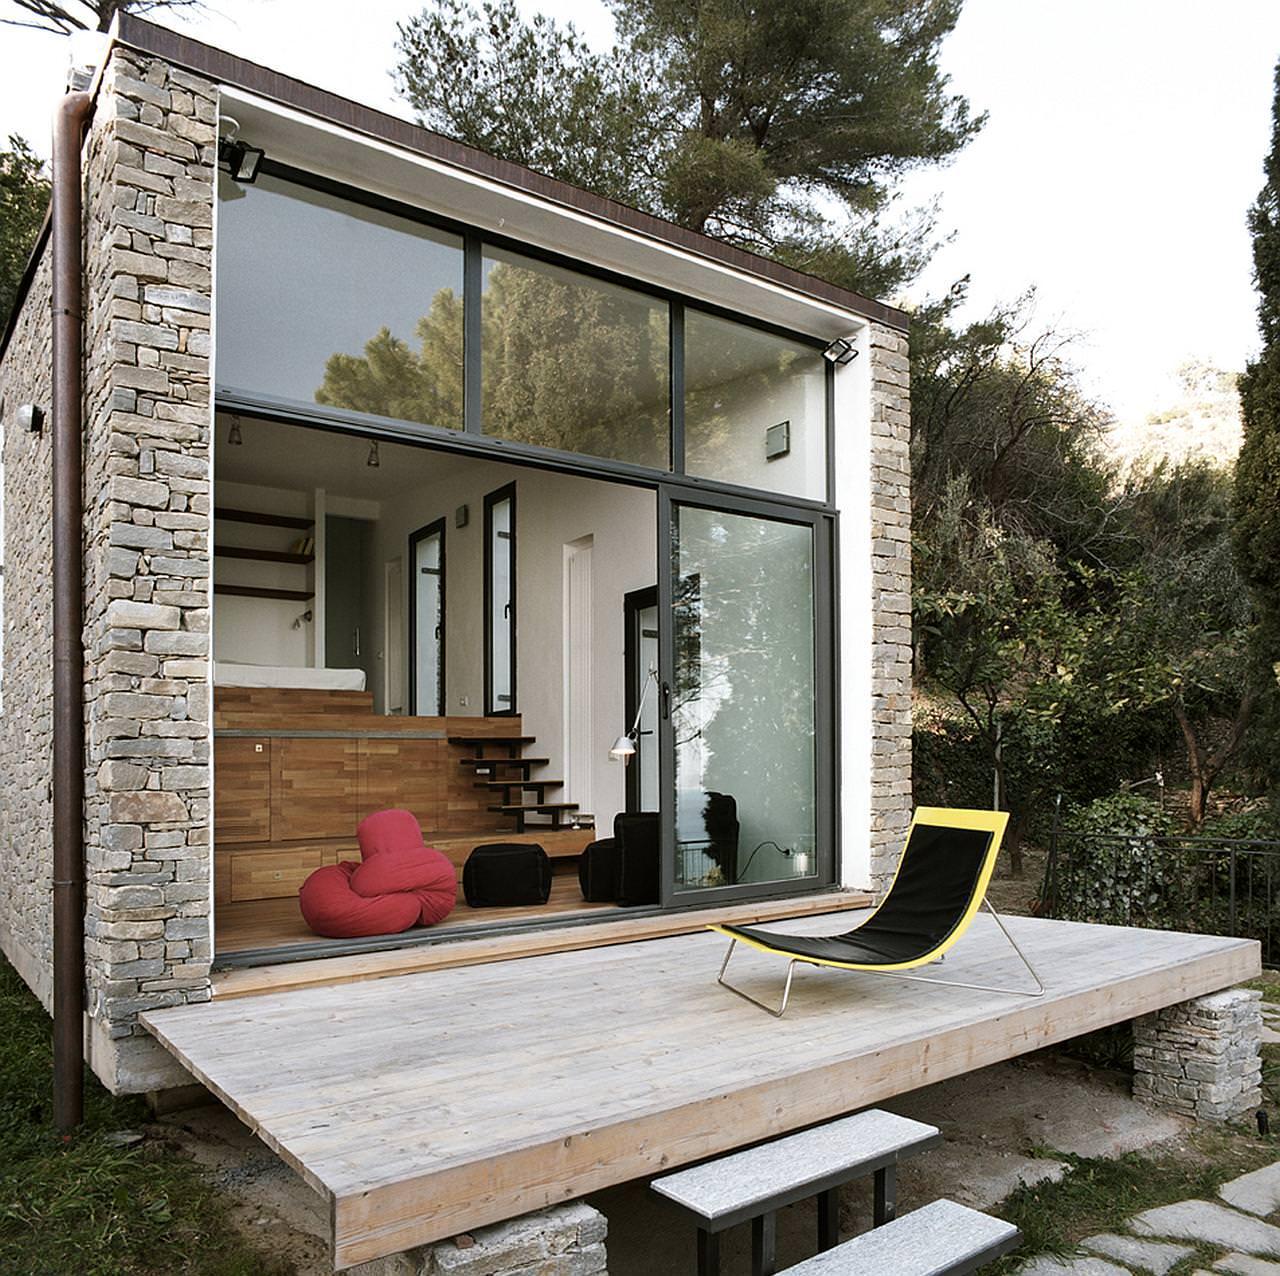 Ristrutturare Appartamento 35 Mq piccola villa a 3 livelli in liguria • mix rustico moderno